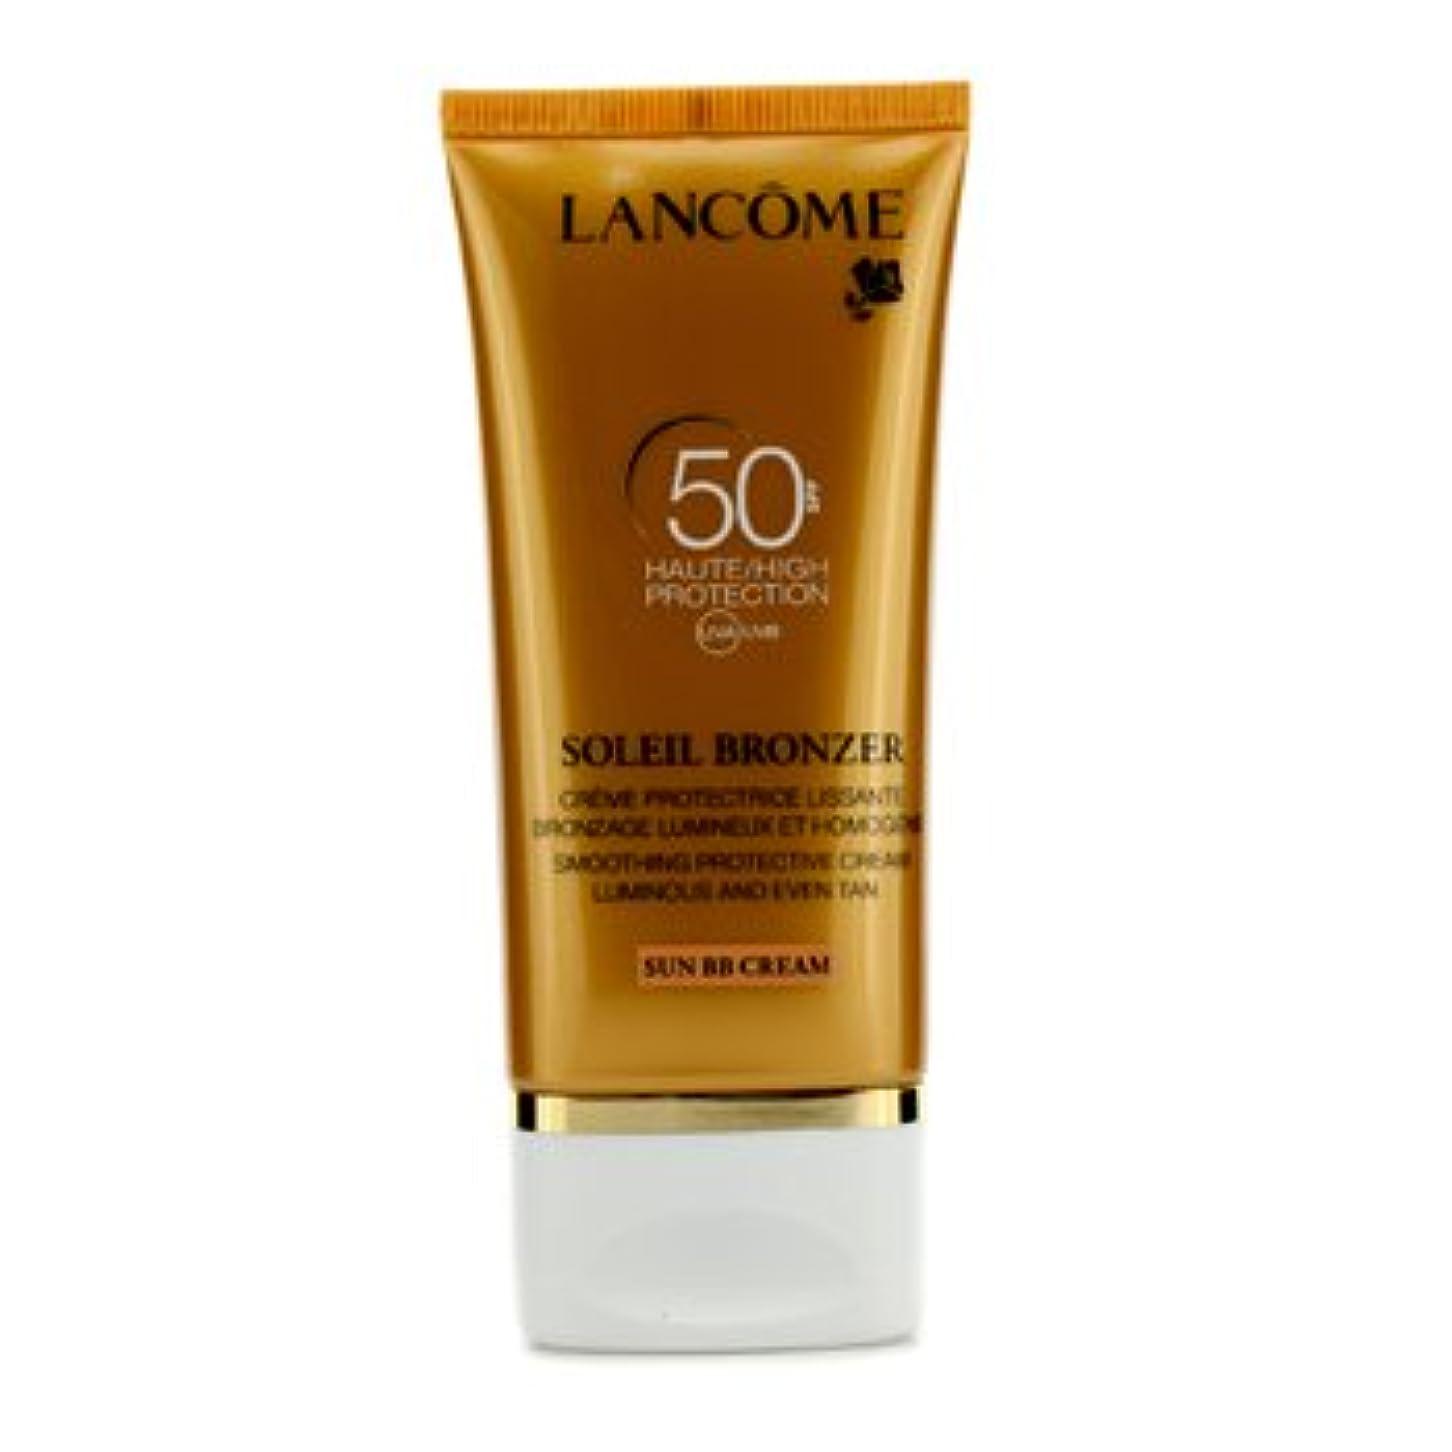 配置ヘルシーアテンダント[Lancome] Soleil Bronzer Smoothing Protective Cream (Sun BB Cream) SPF50 50ml/1.69oz